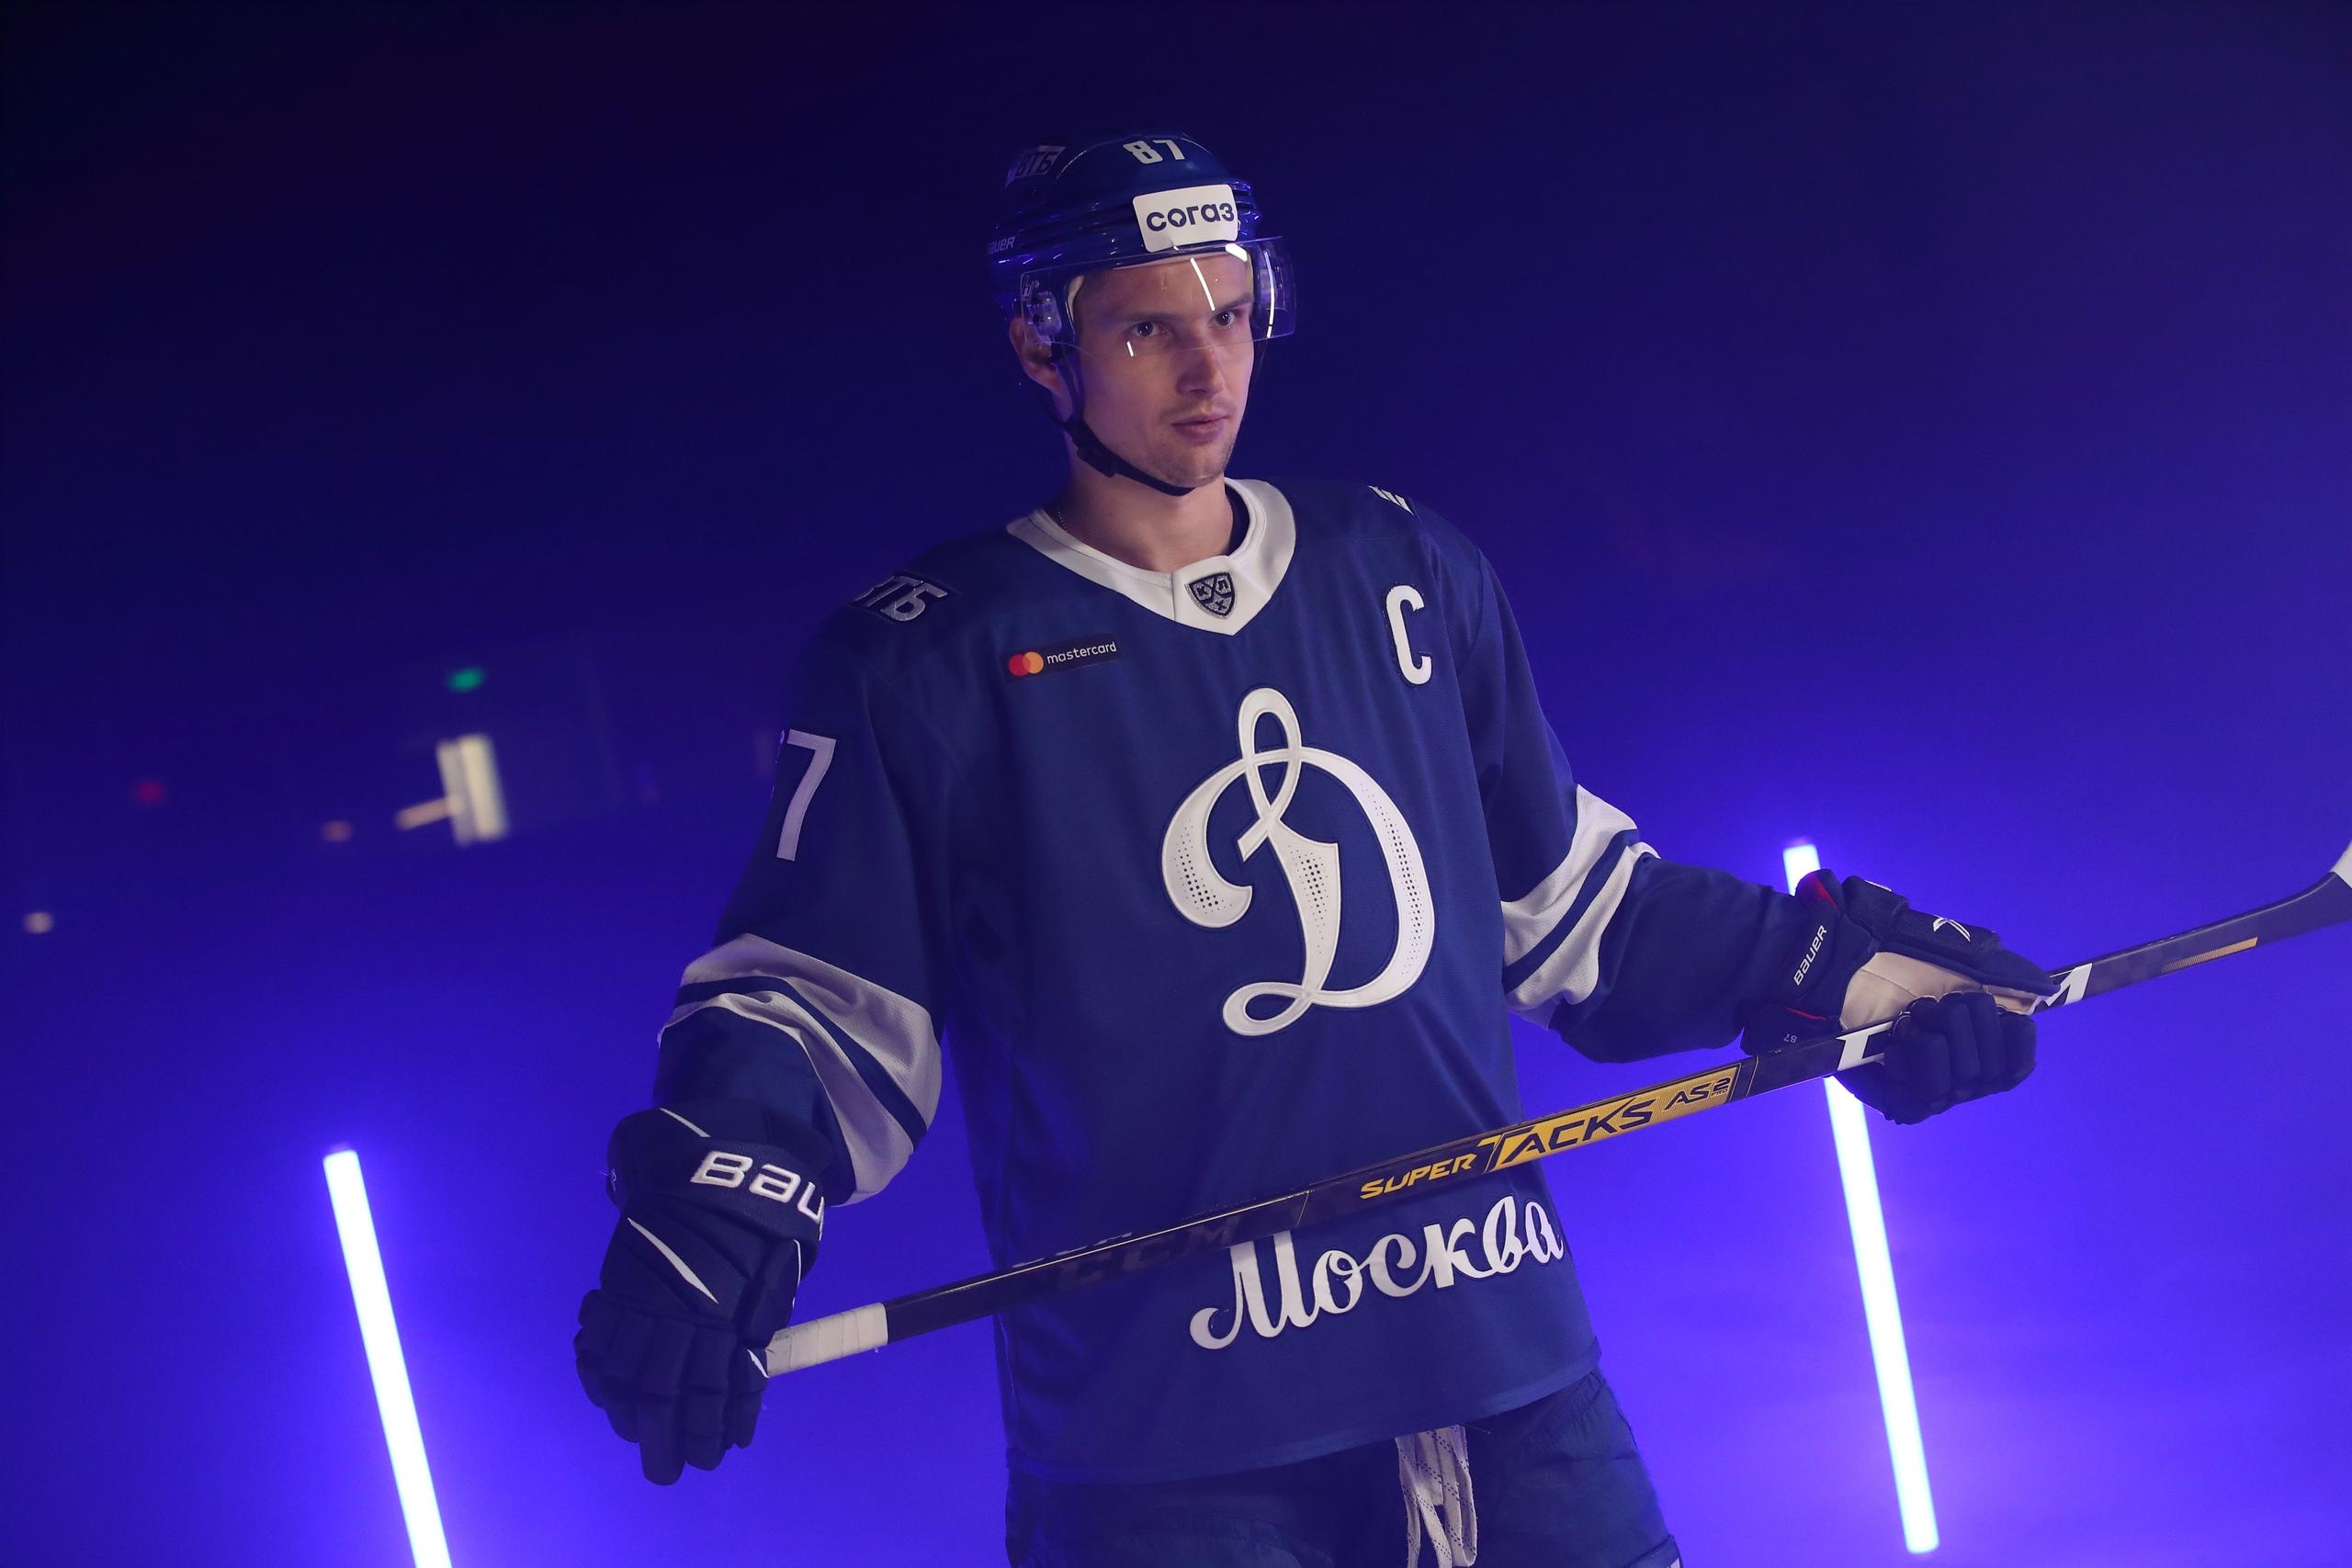 Матчи хоккейный клуб динамо москва ночные клубы архыз